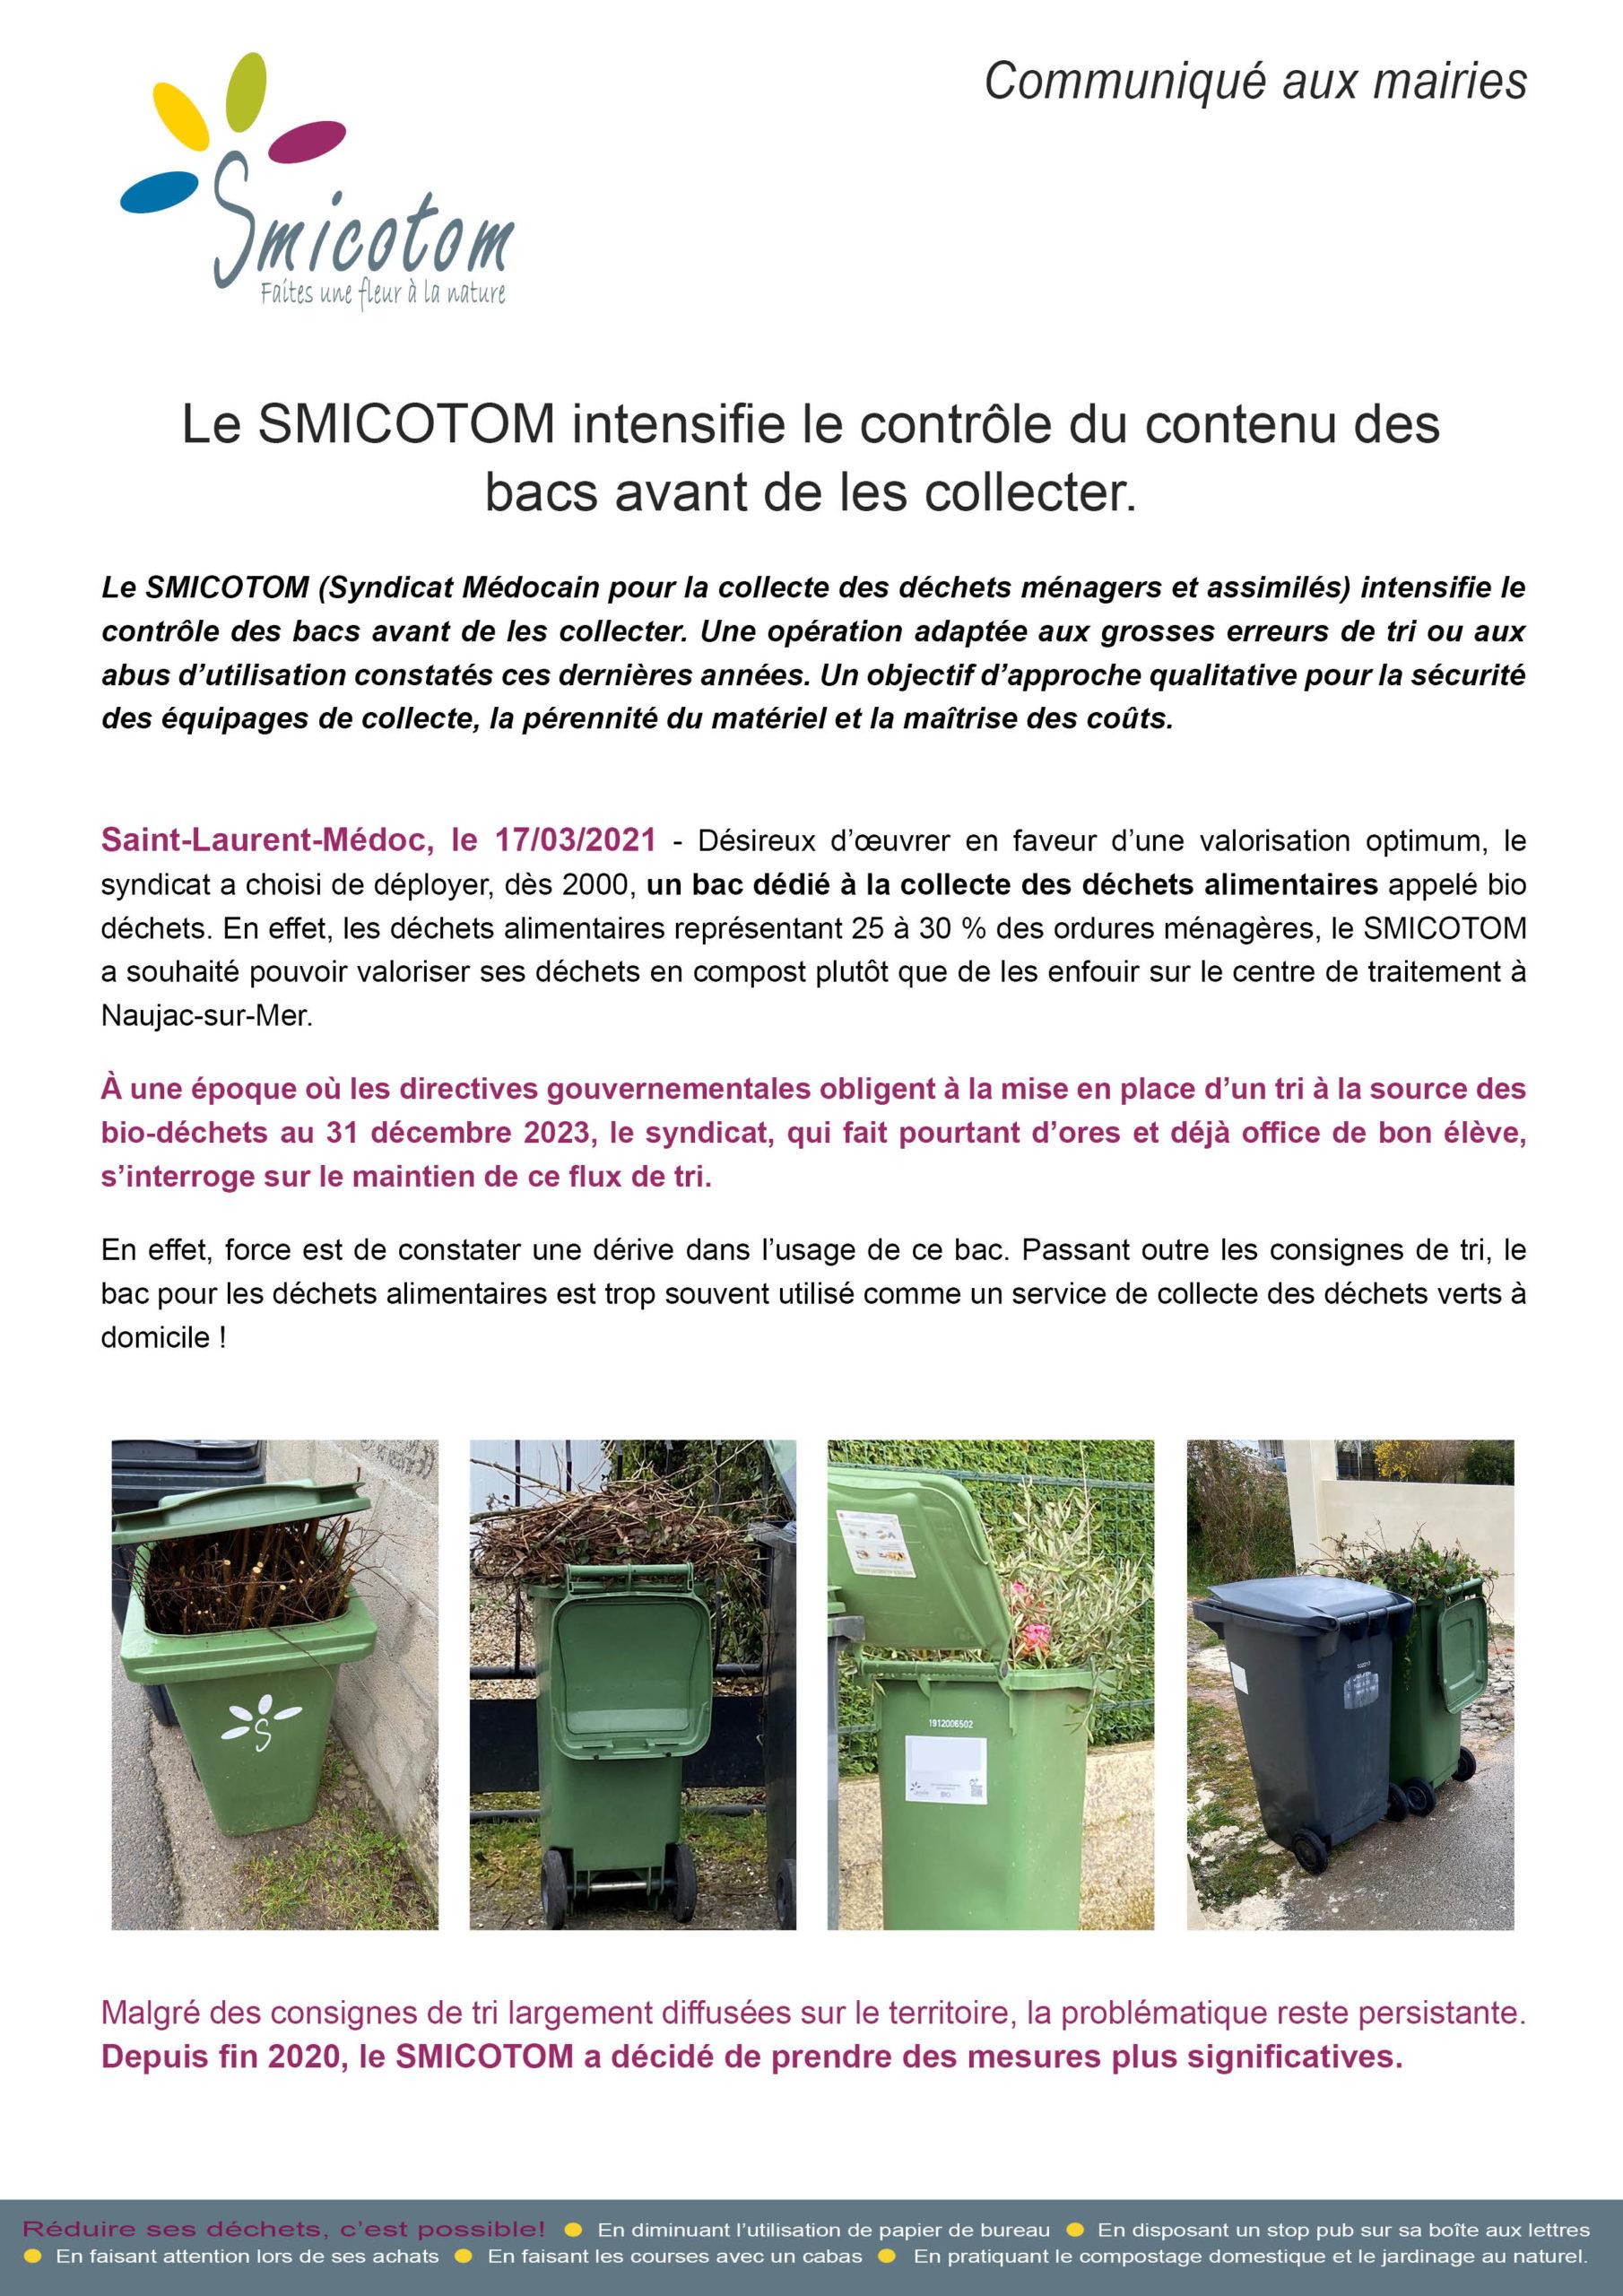 culture.lesparre-medoc.fr